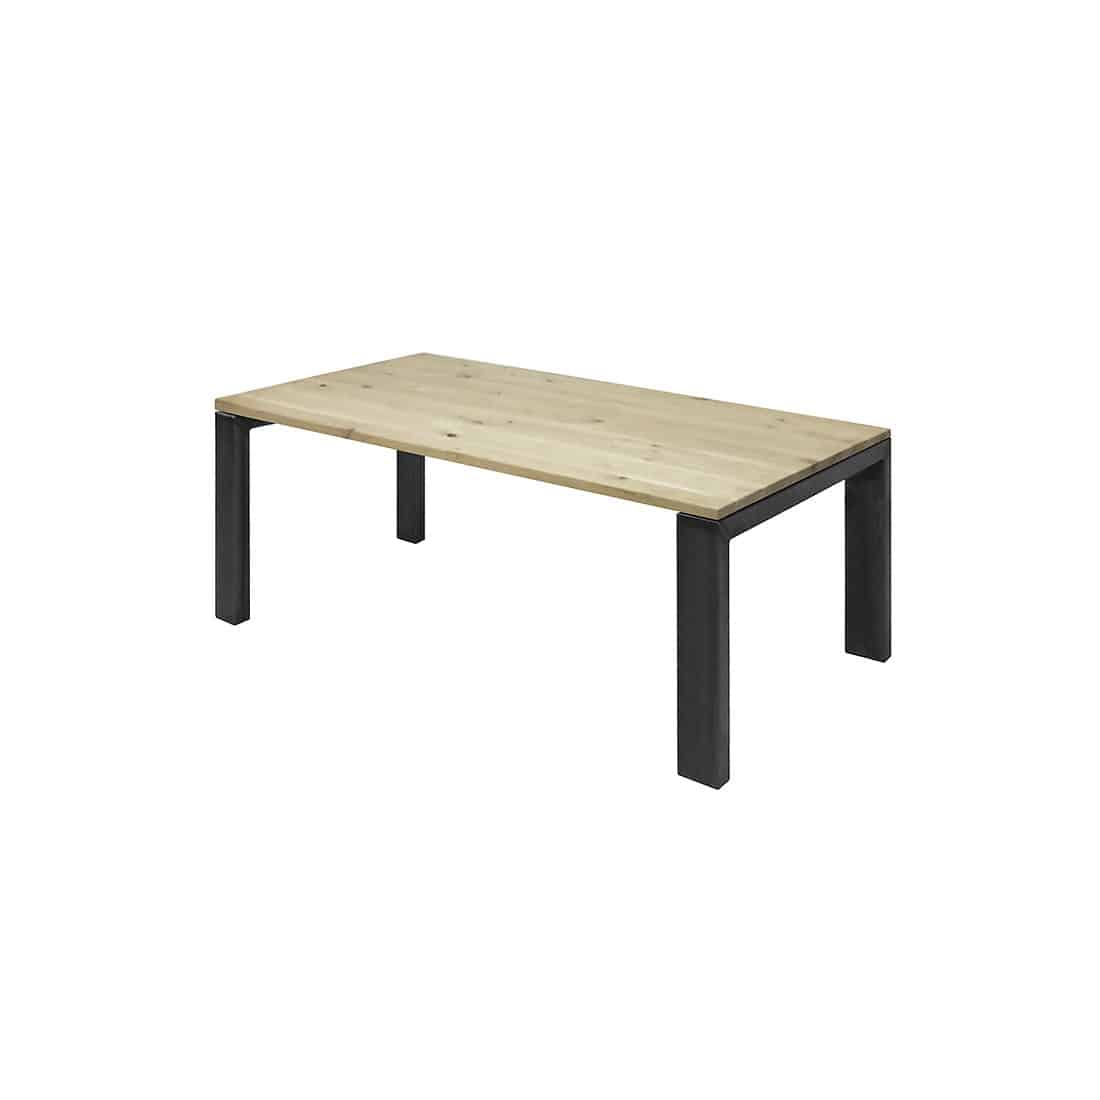 Eikenhouten tafel Baskin